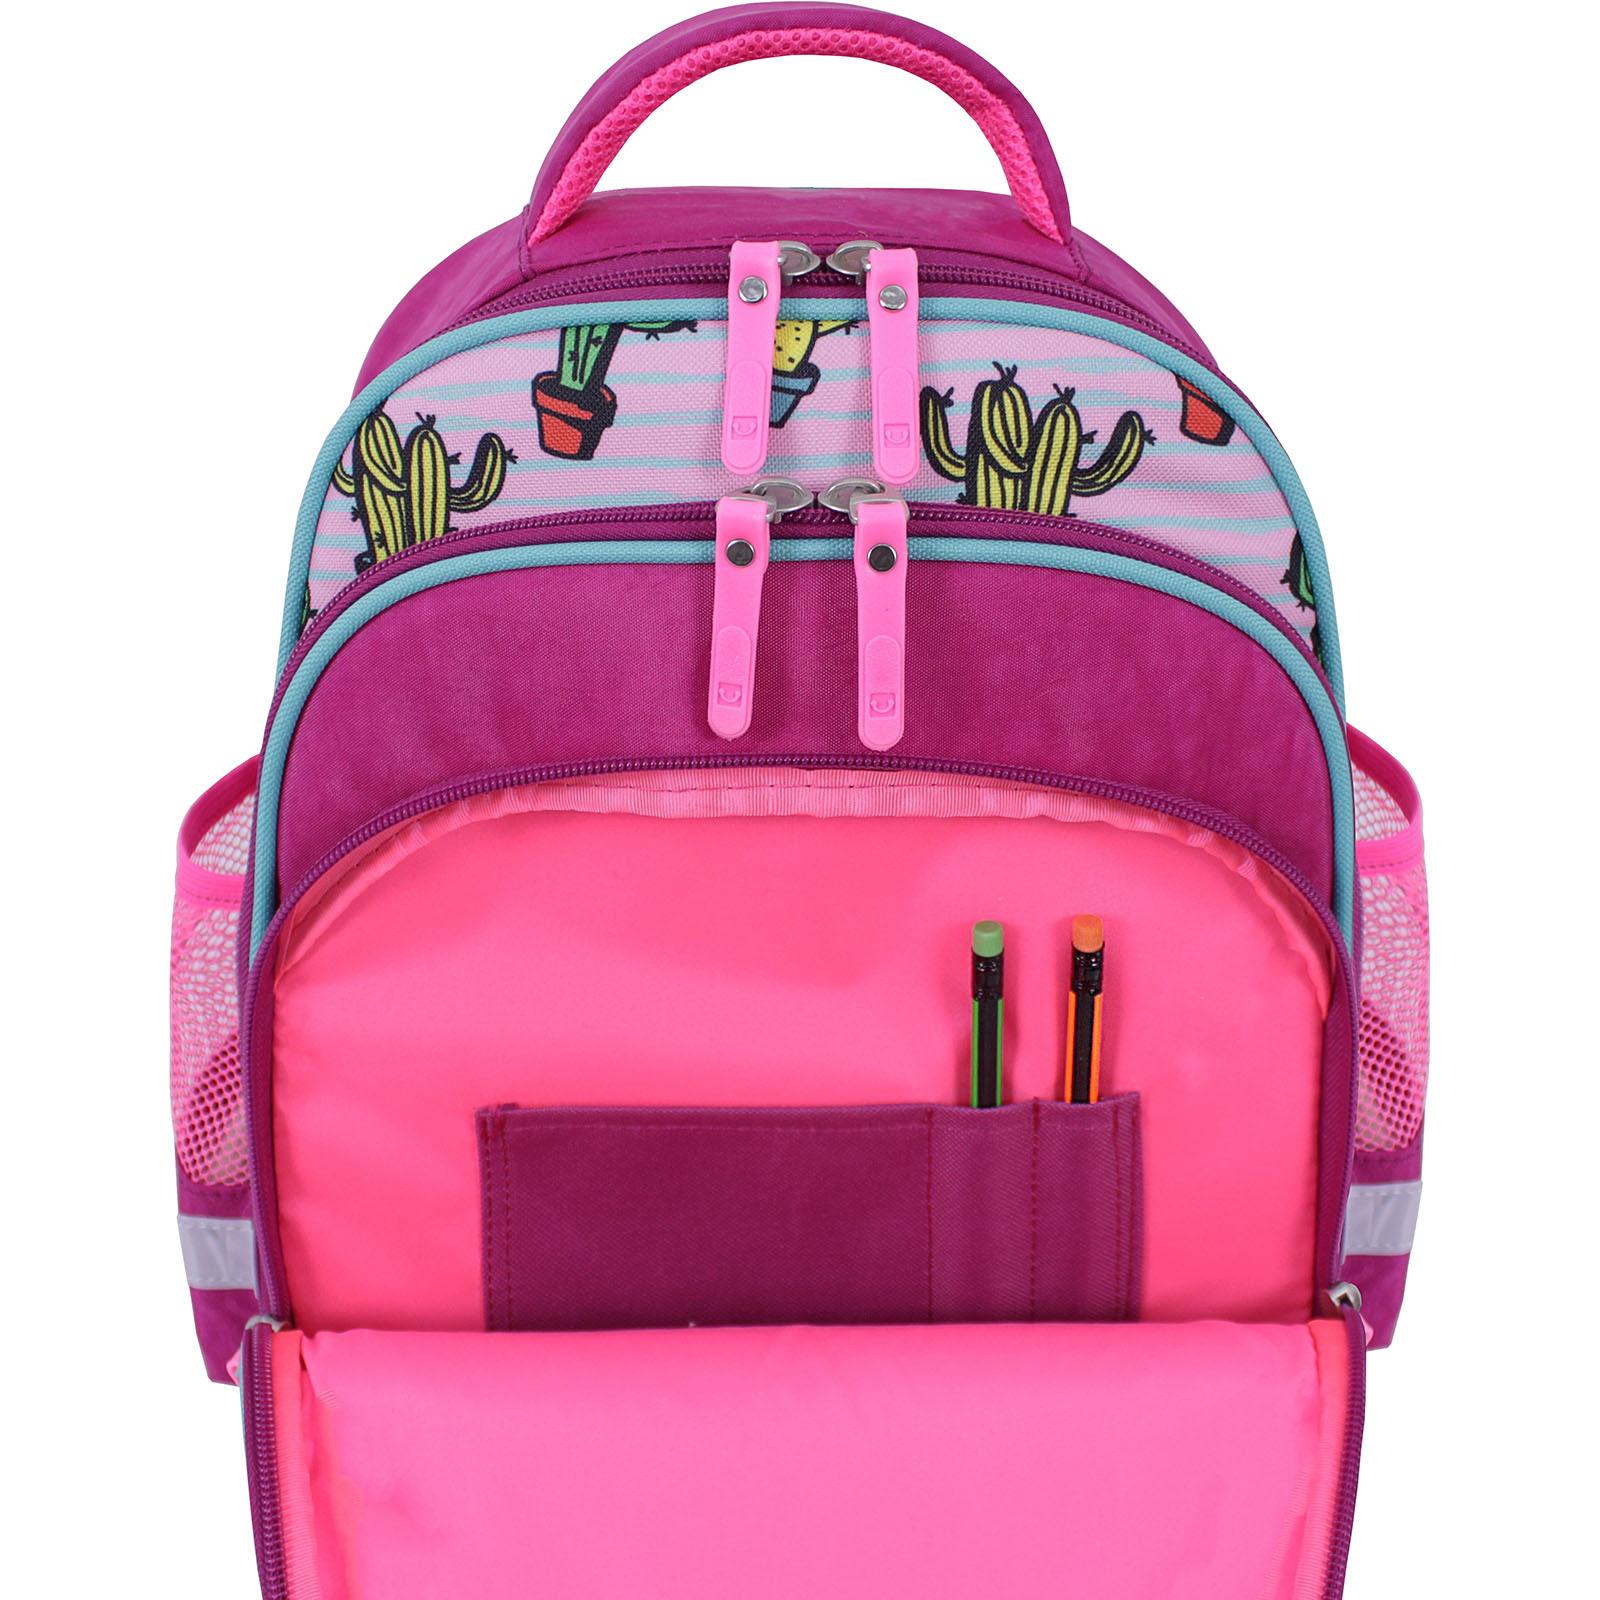 Рюкзак школьный Bagland Mouse 143 малиновый 617 (0051370) фото 5